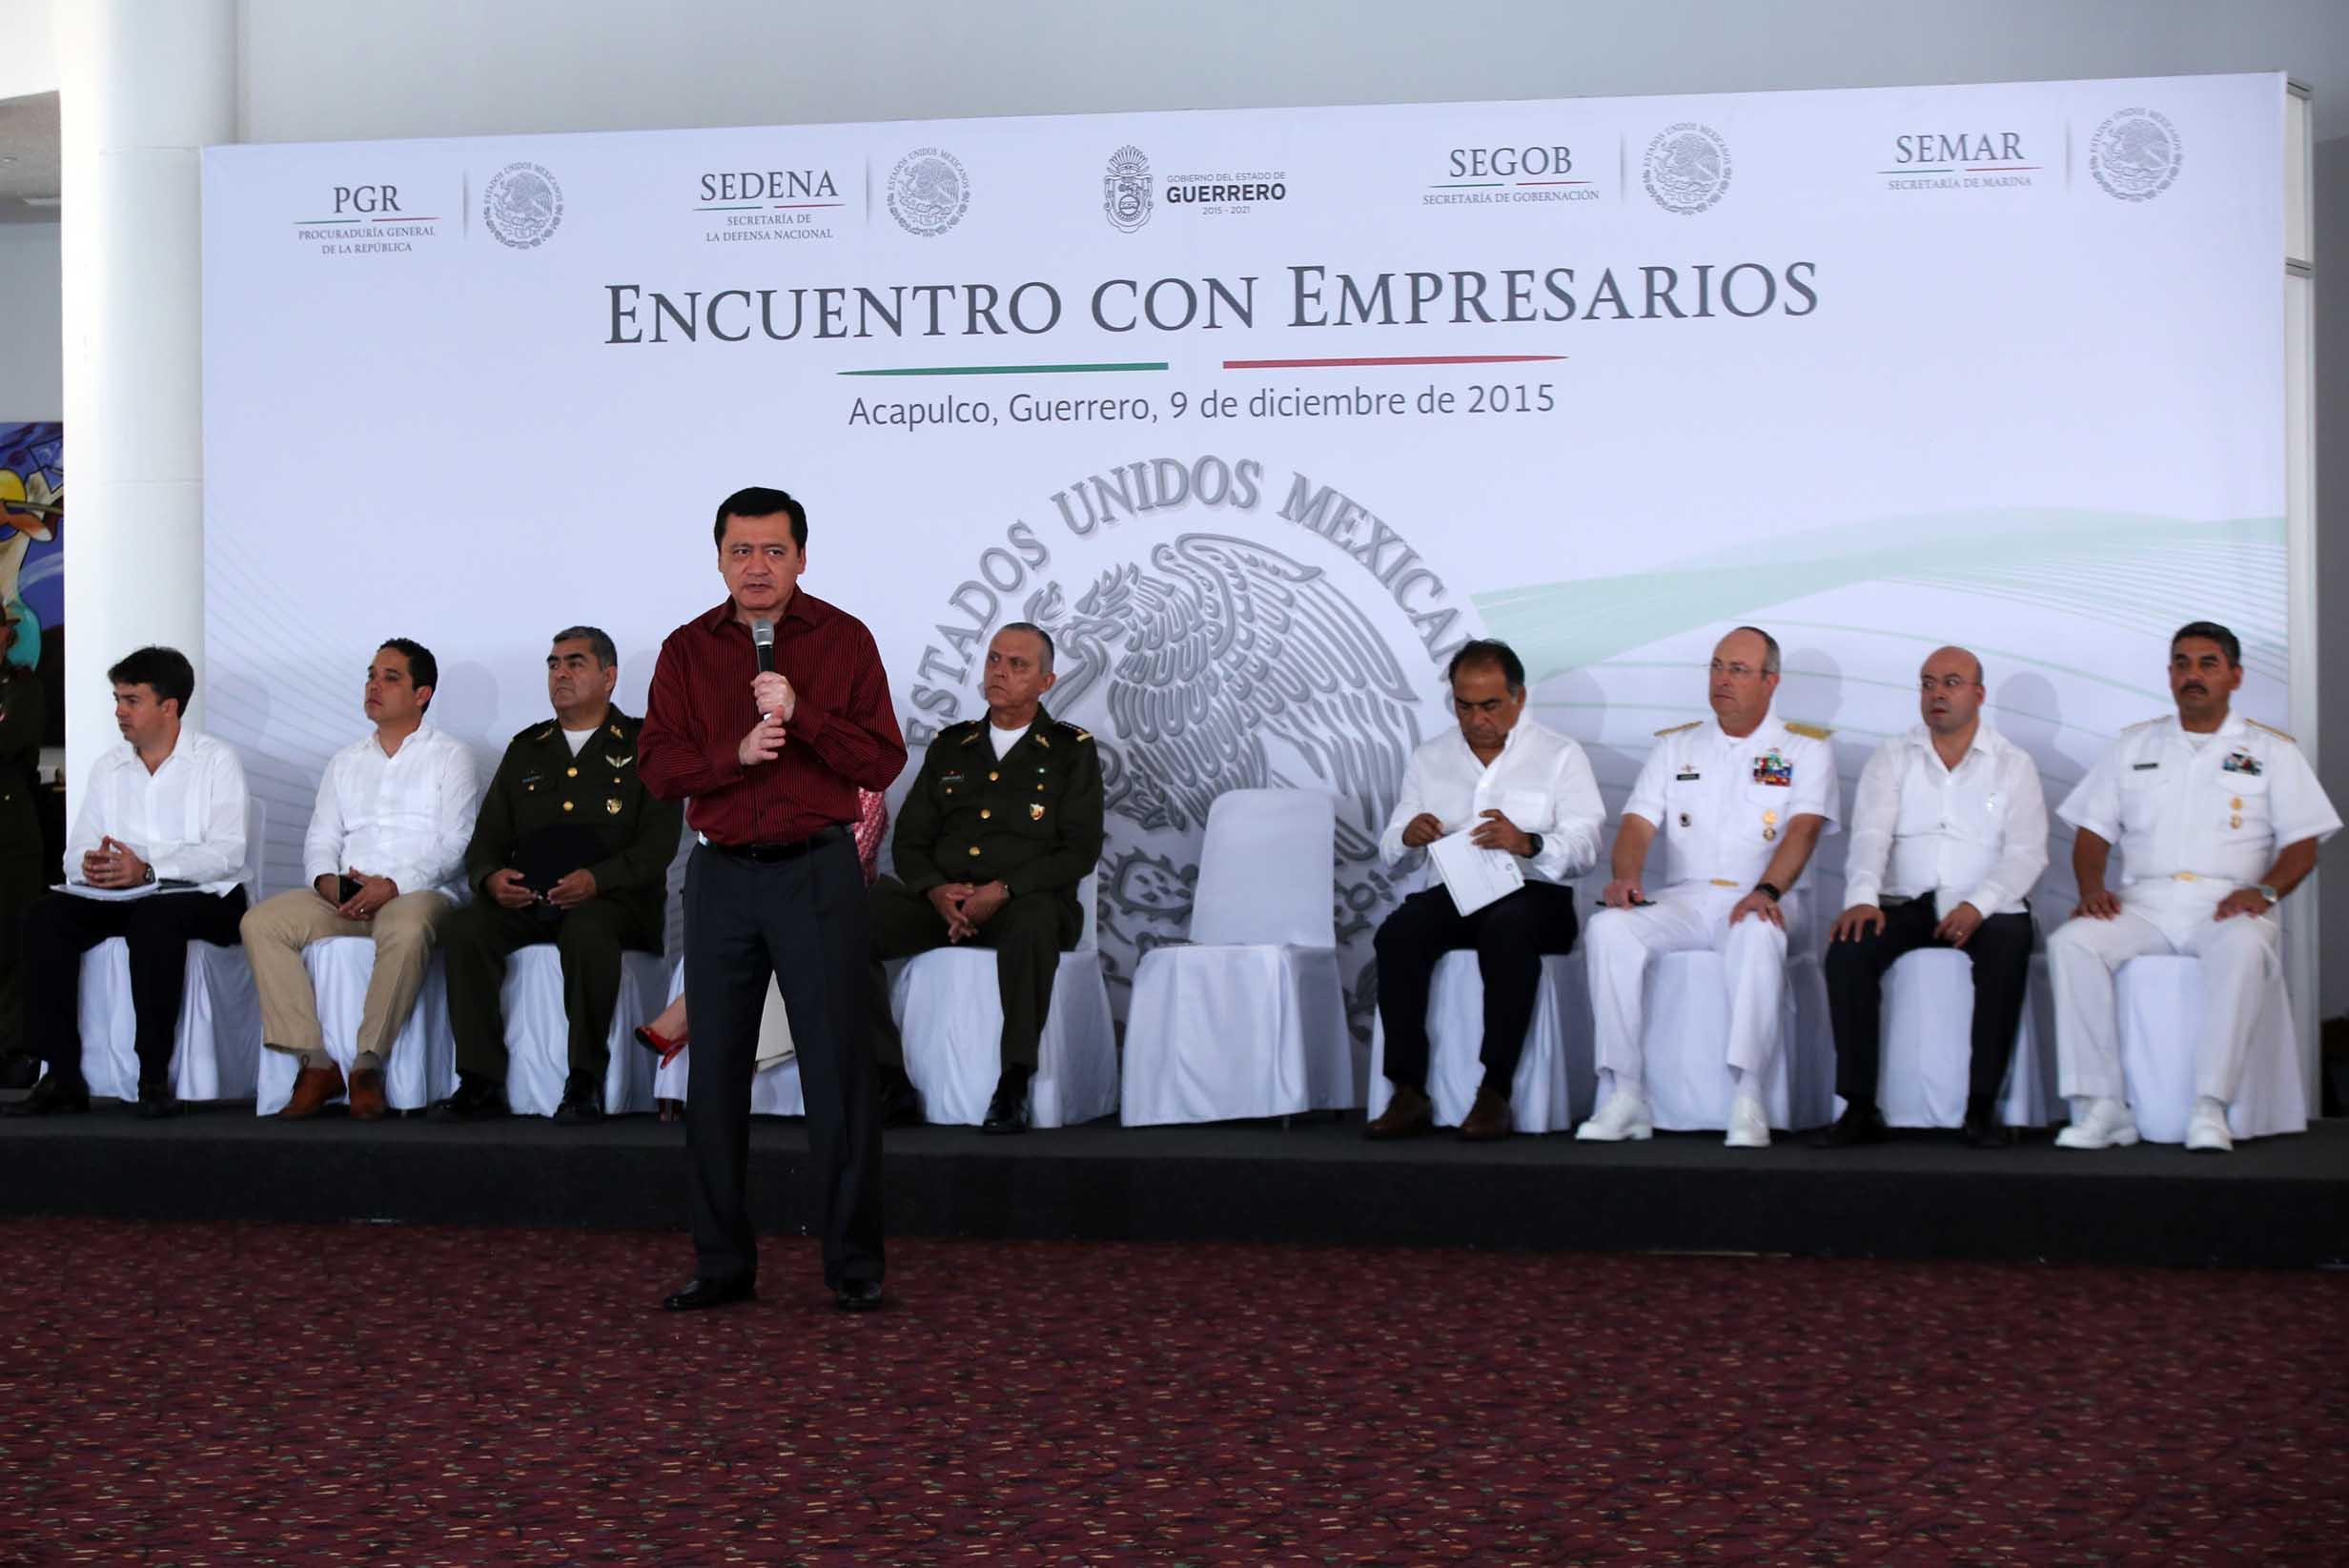 El Secretario de Gobernación, Miguel Ángel Osorio Chong, durante una reunión con más de 250 líderes de opinión, empresarios y representantes de la sociedad civil de Acapulco, Guerrero